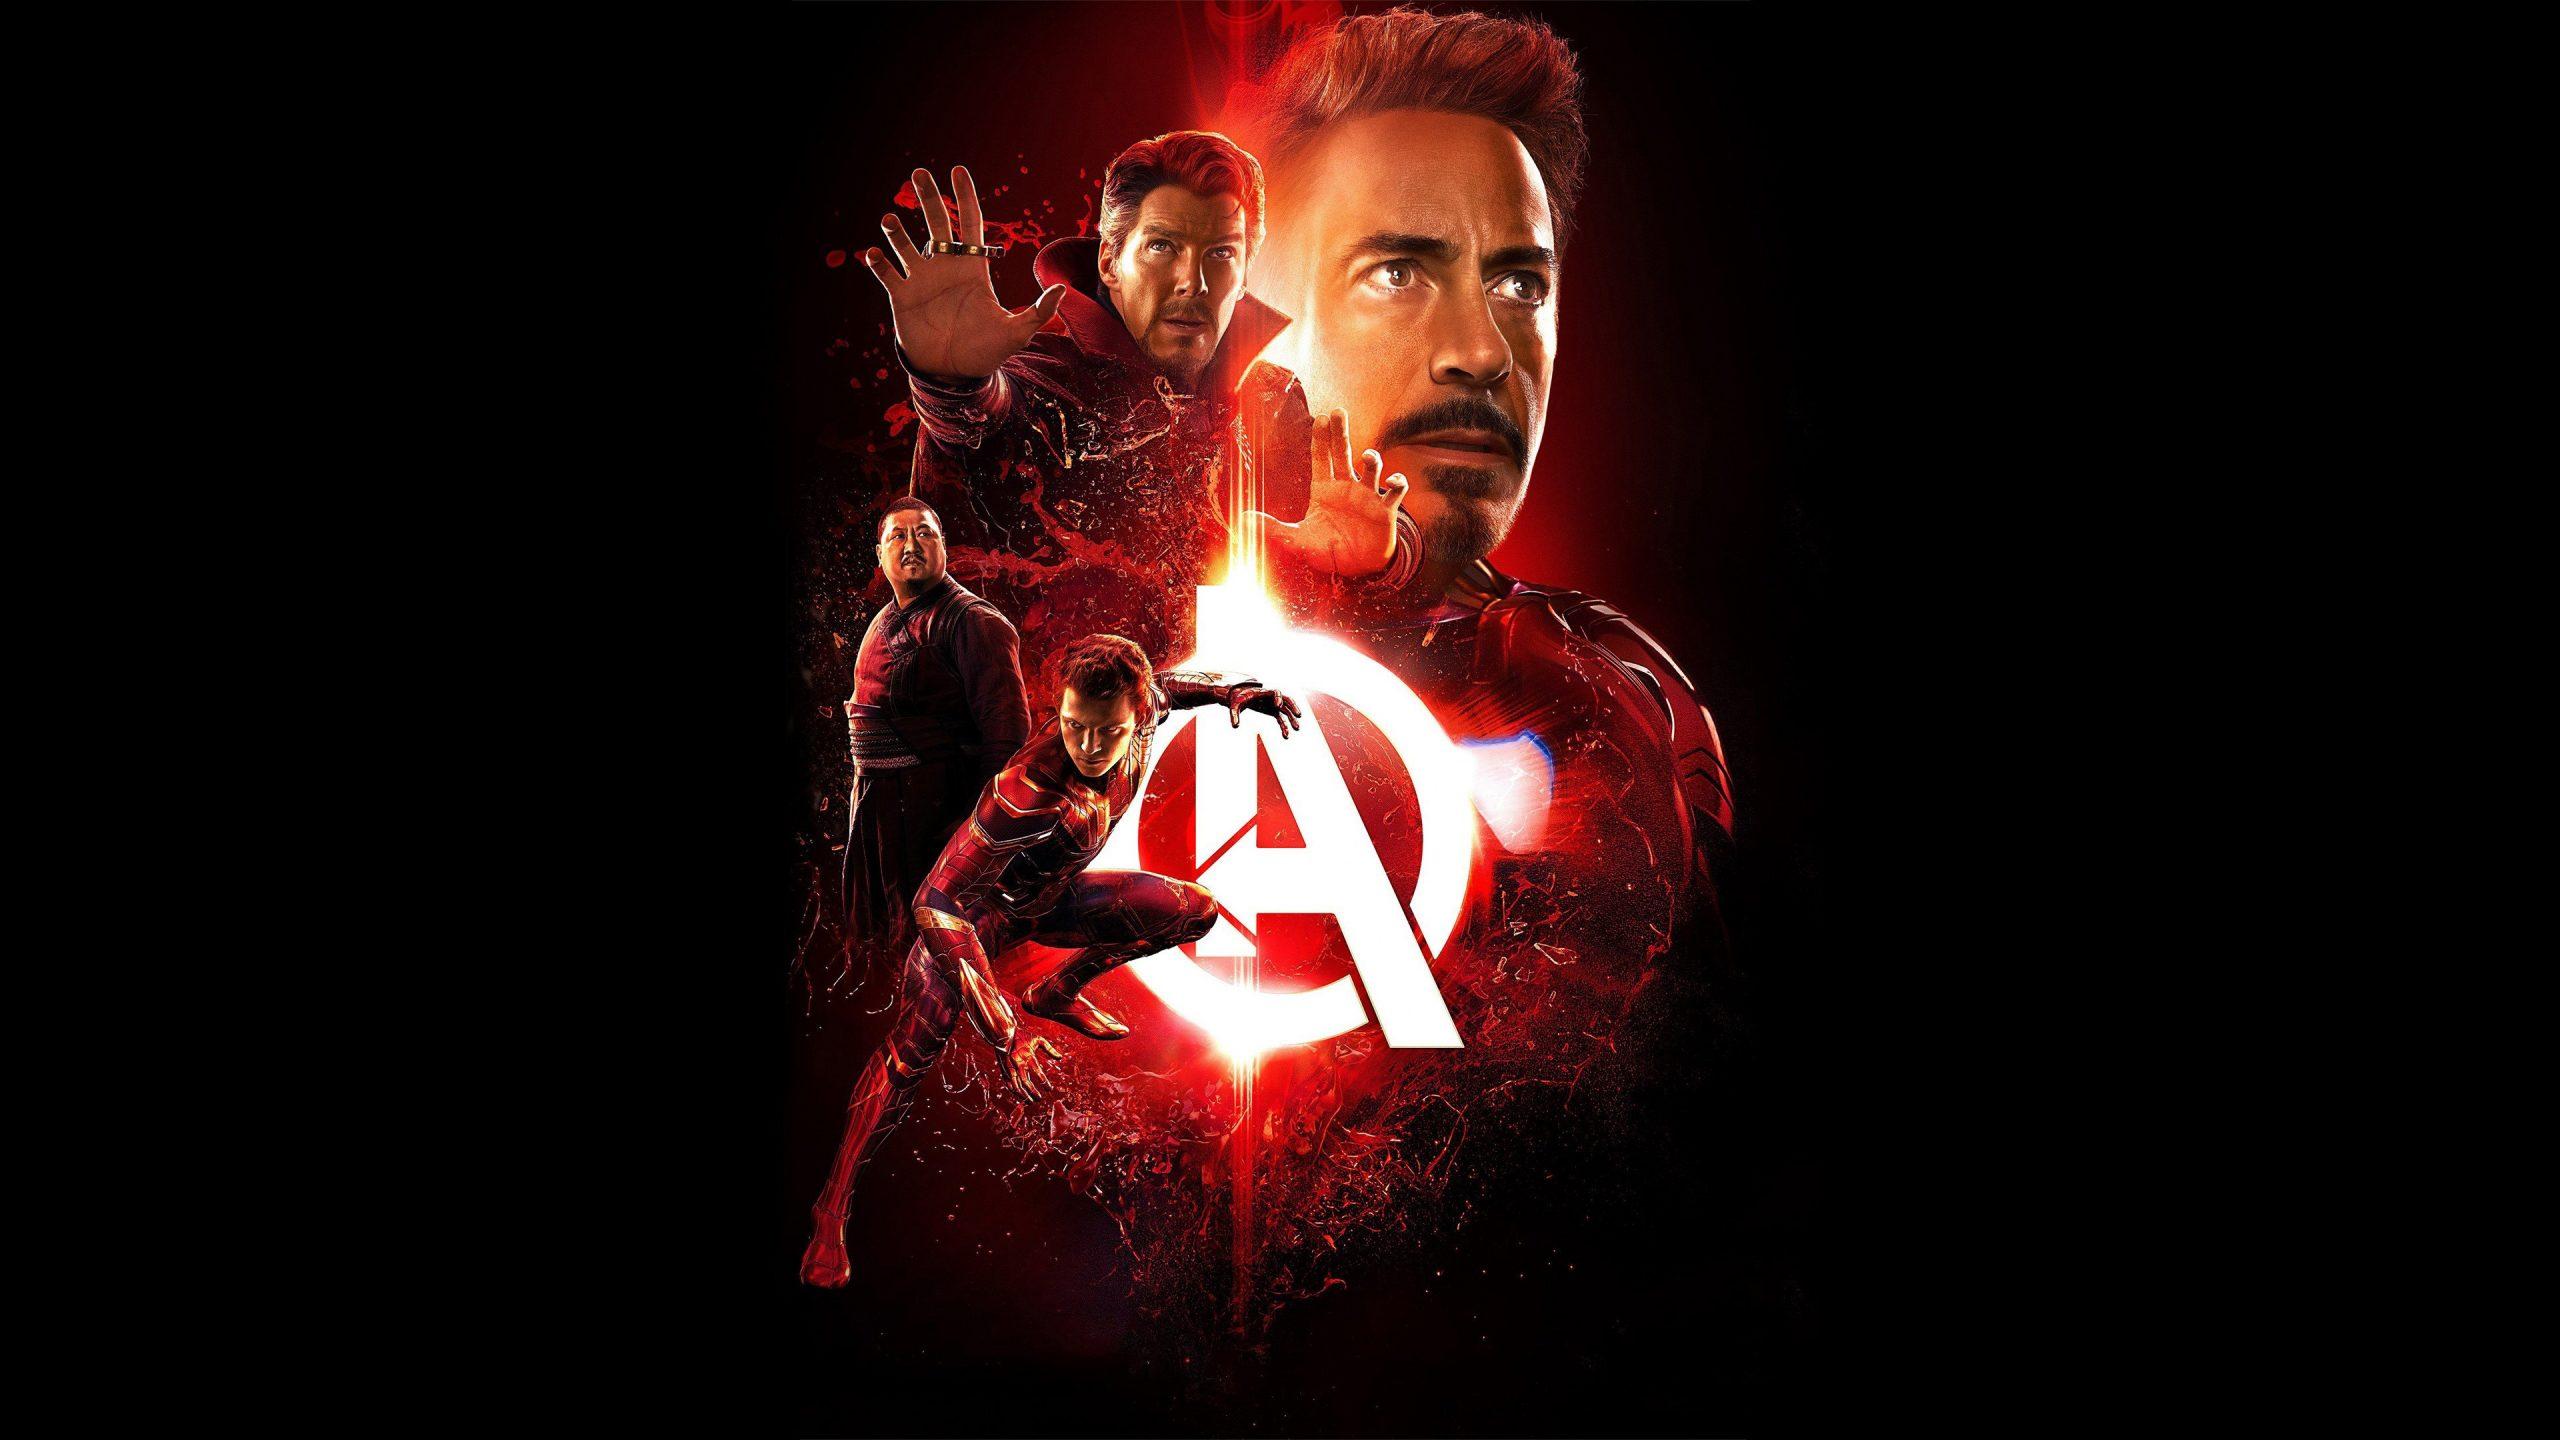 Ironman Avengers Infinity War Poster 4k Wallpaper Best Wallpapers